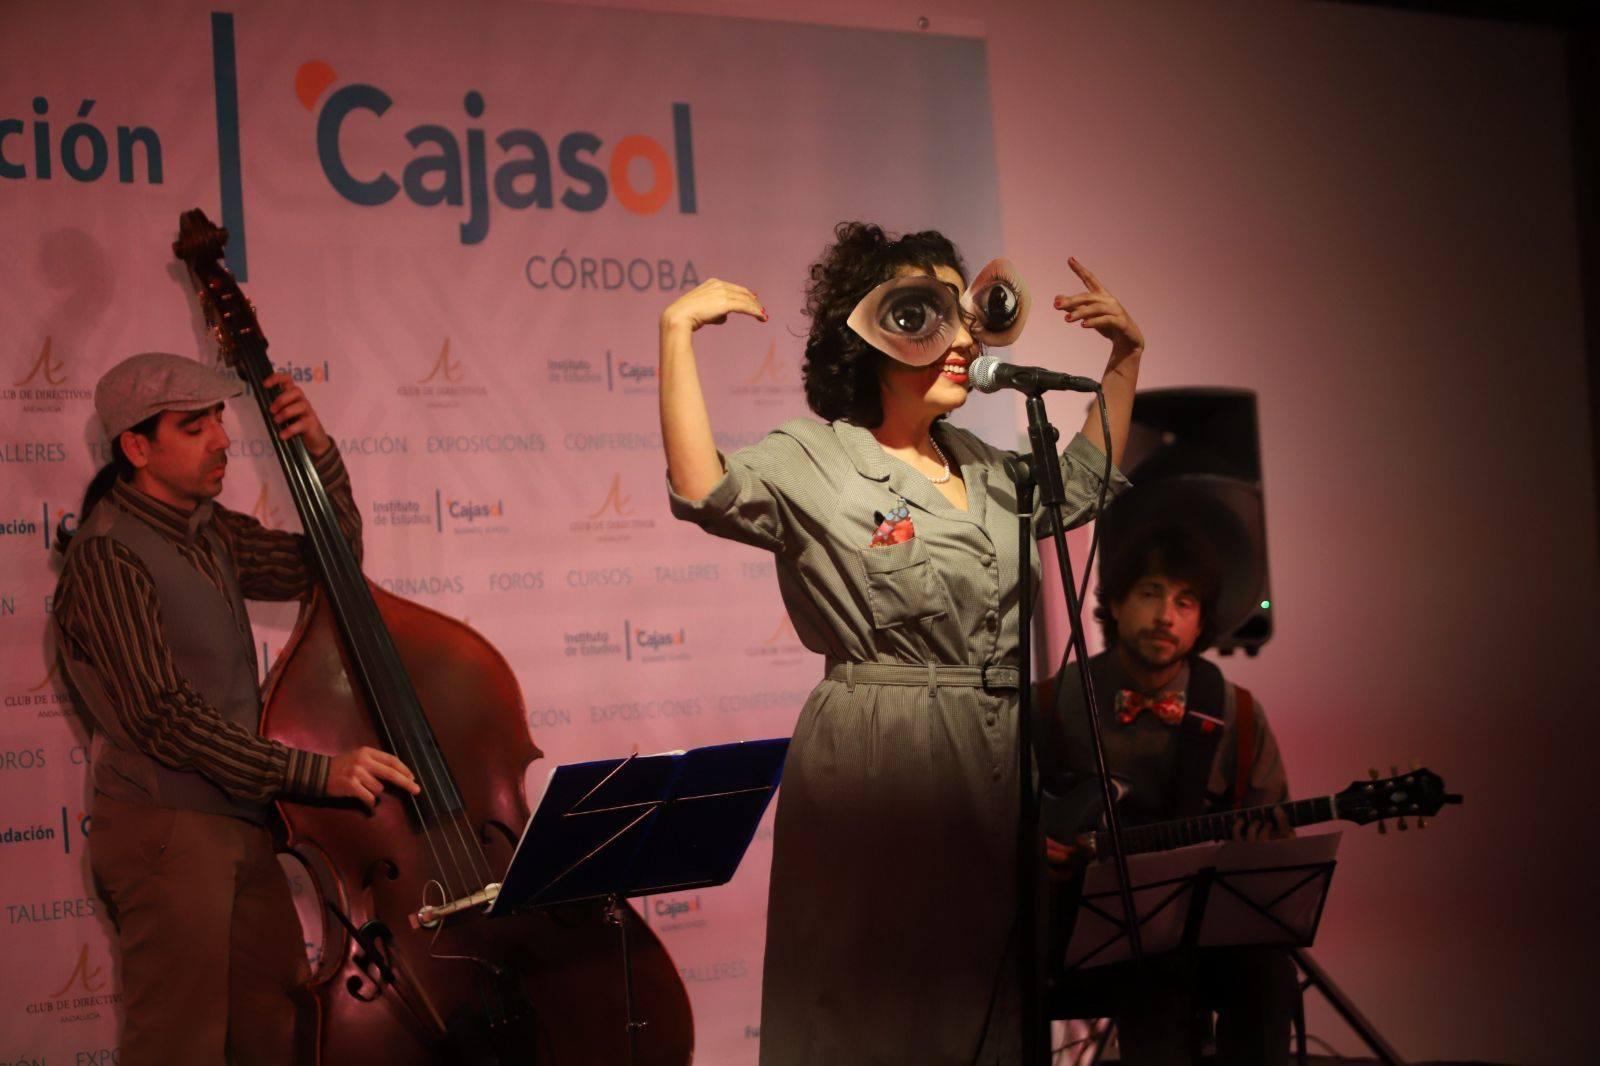 CICLO OTRAS MÚSICAS CAJASOL (Córdoba). Abril 2018.